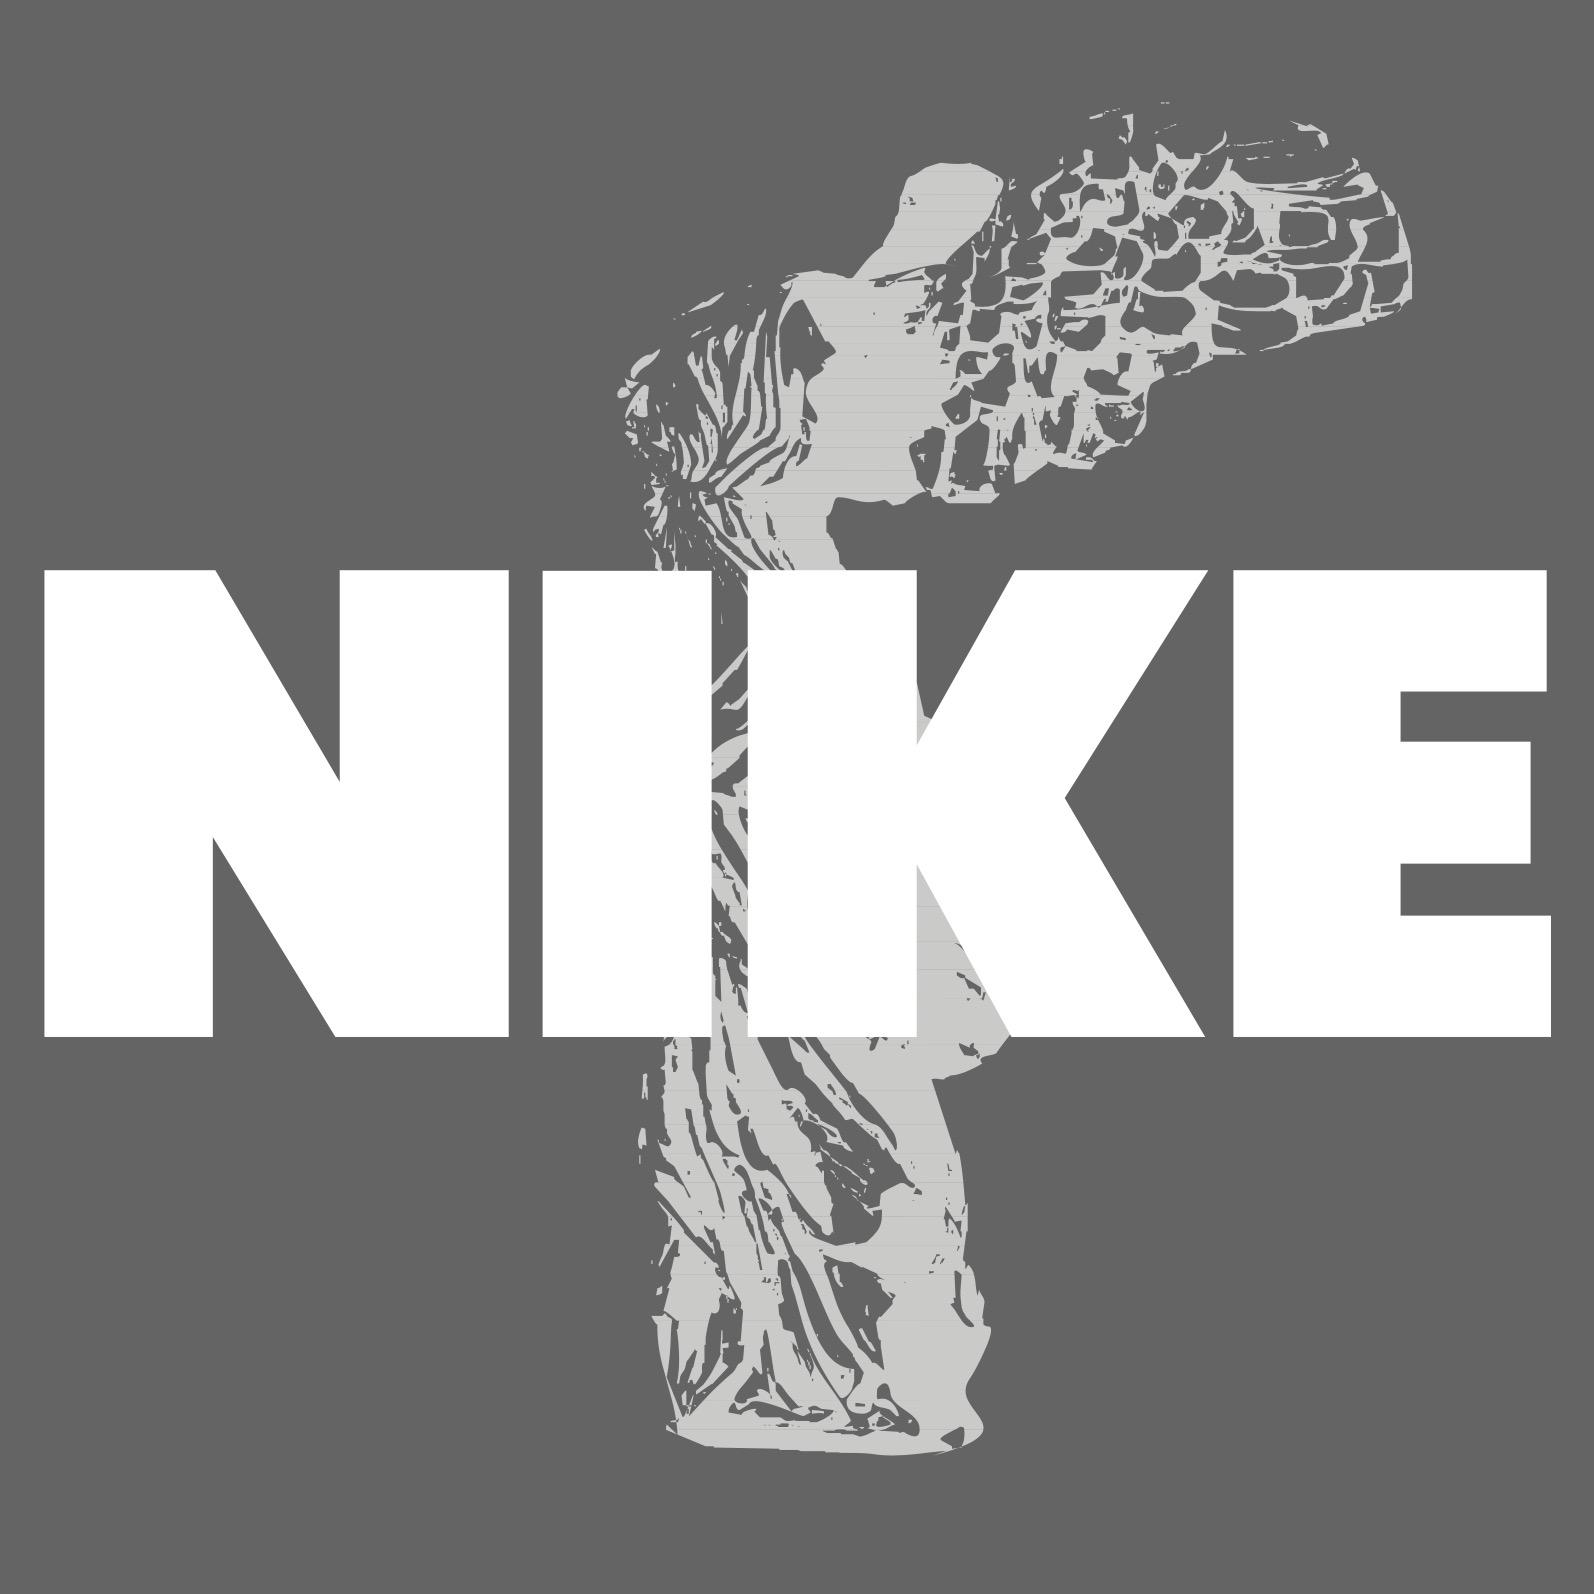 NIKE Lighting New Logo